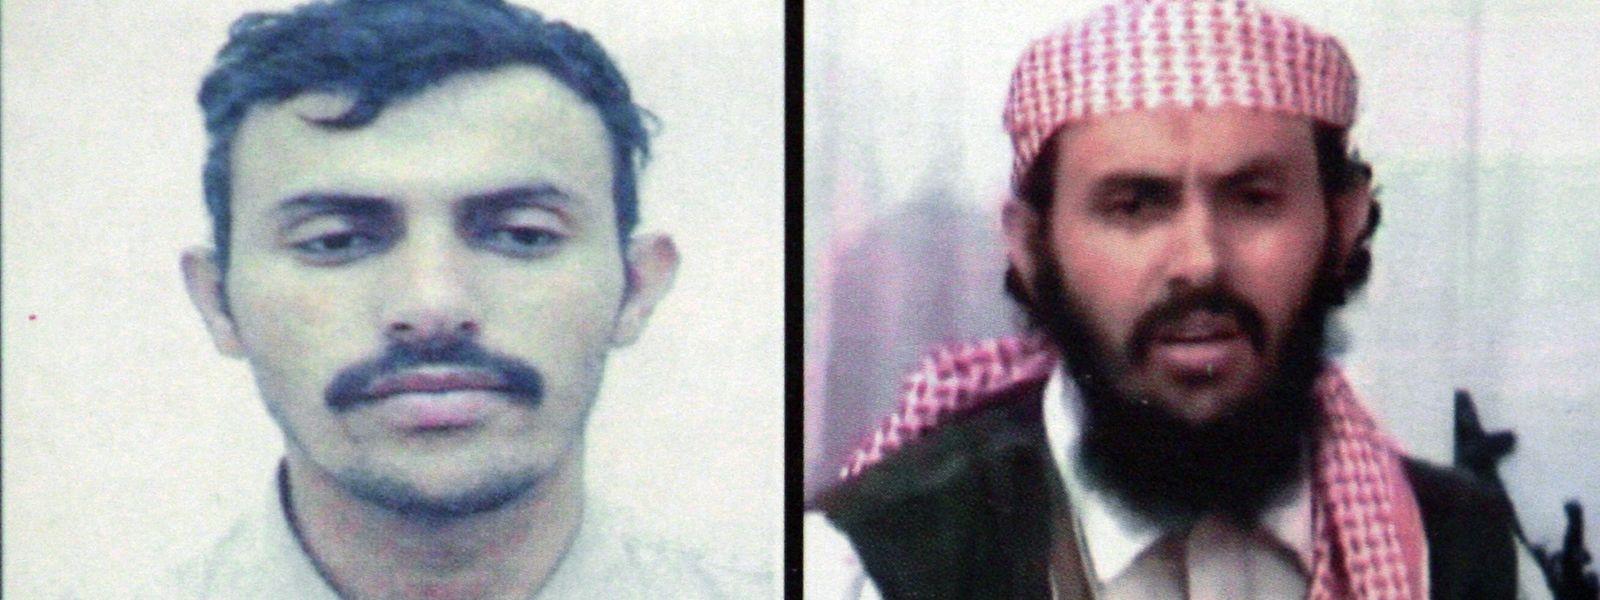 Zwei Bilder zeigen den Terroristenführer Kassim Al-Rimi .